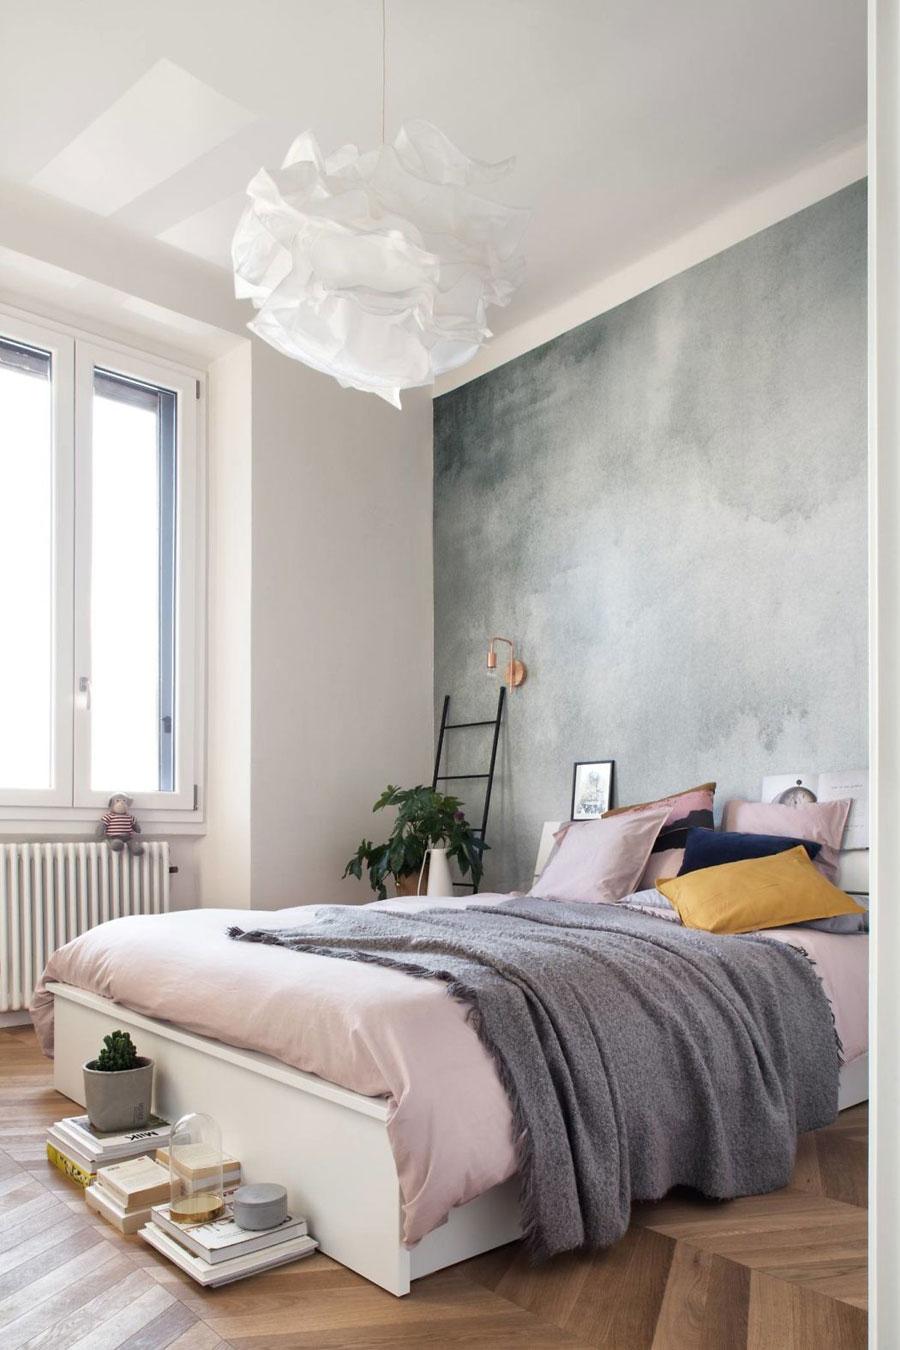 In deze mooie slaapkamer hebben de de jaren '50 stijl gecombineerd met Scandinavisch